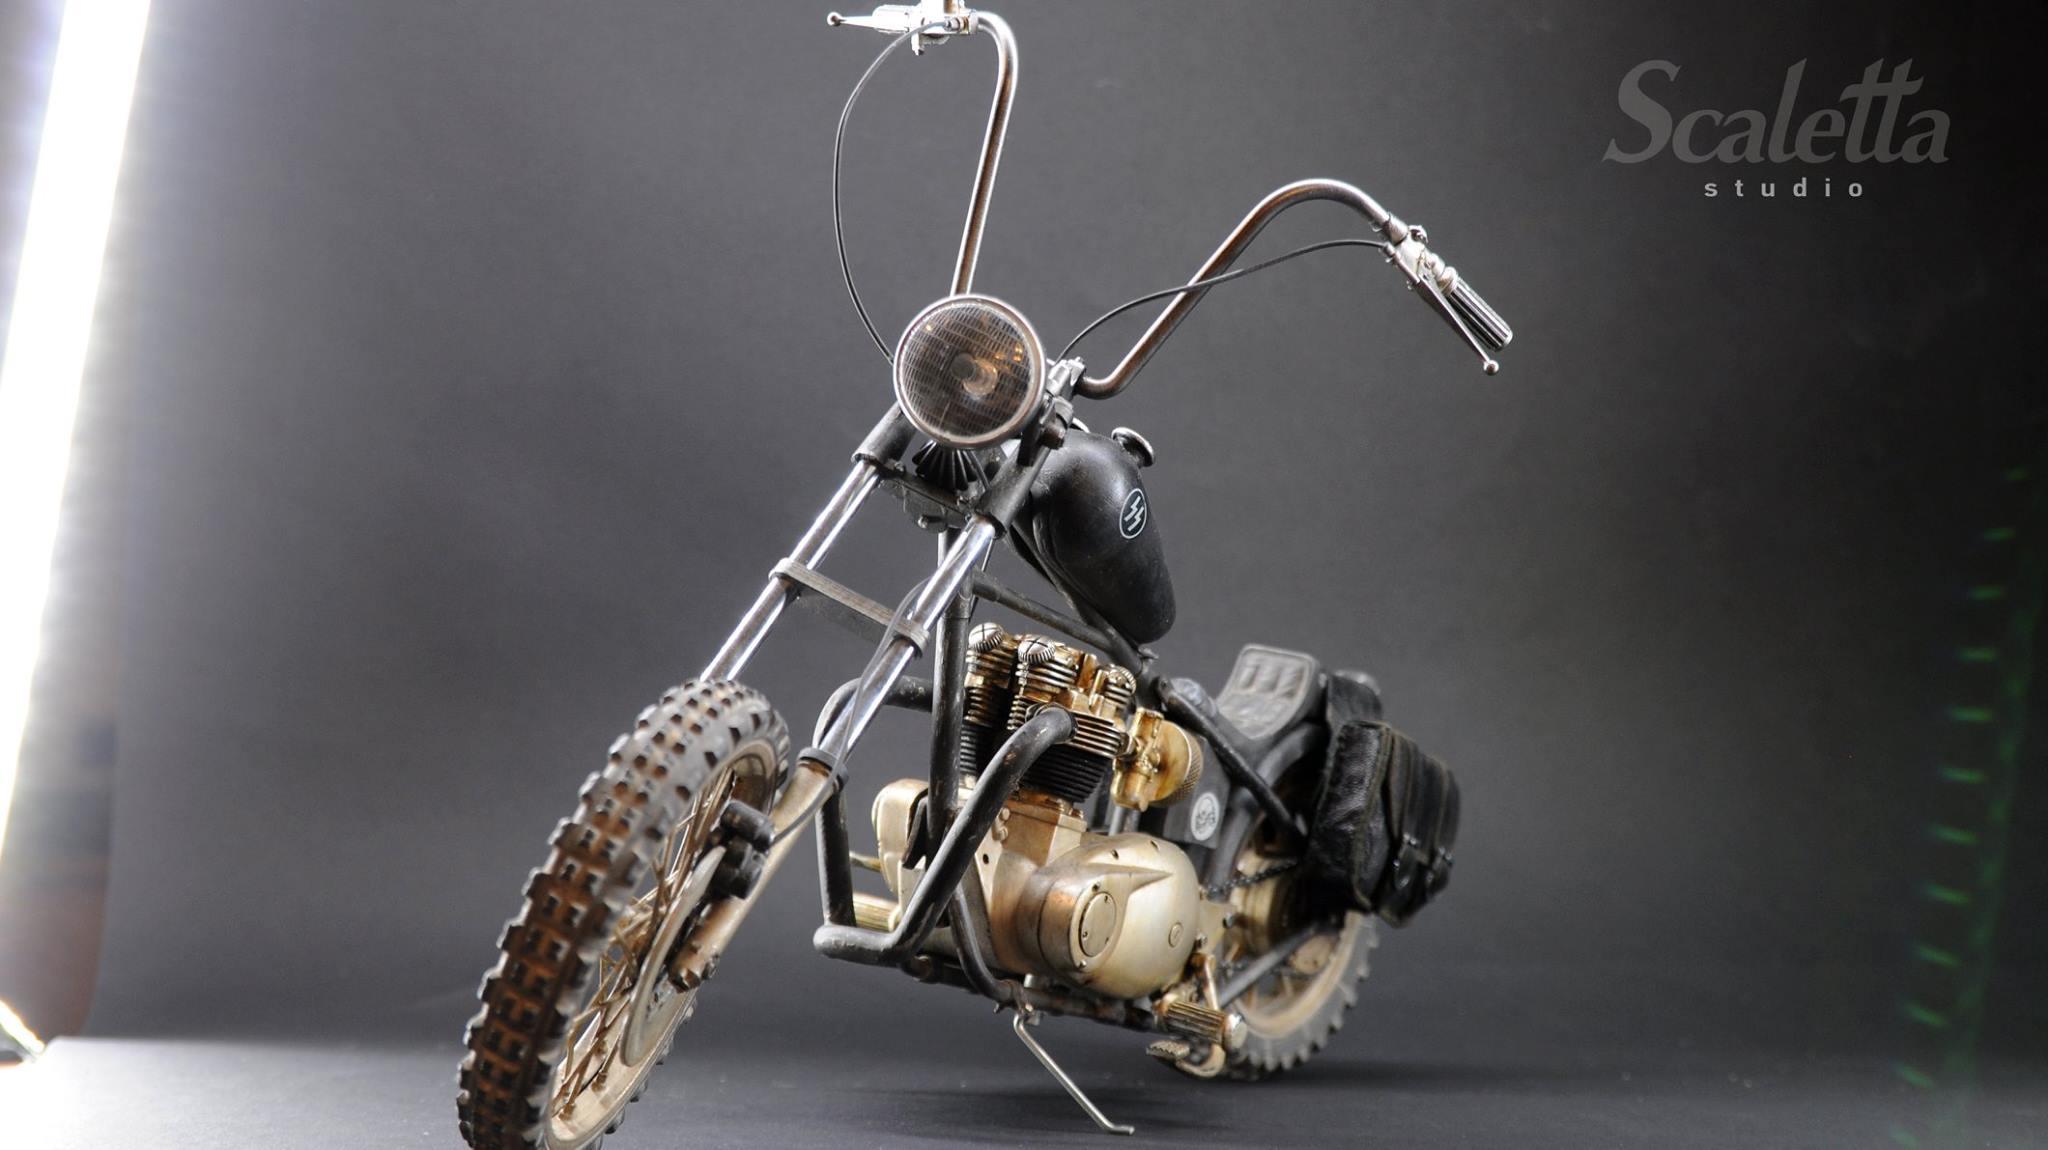 sca-bike03